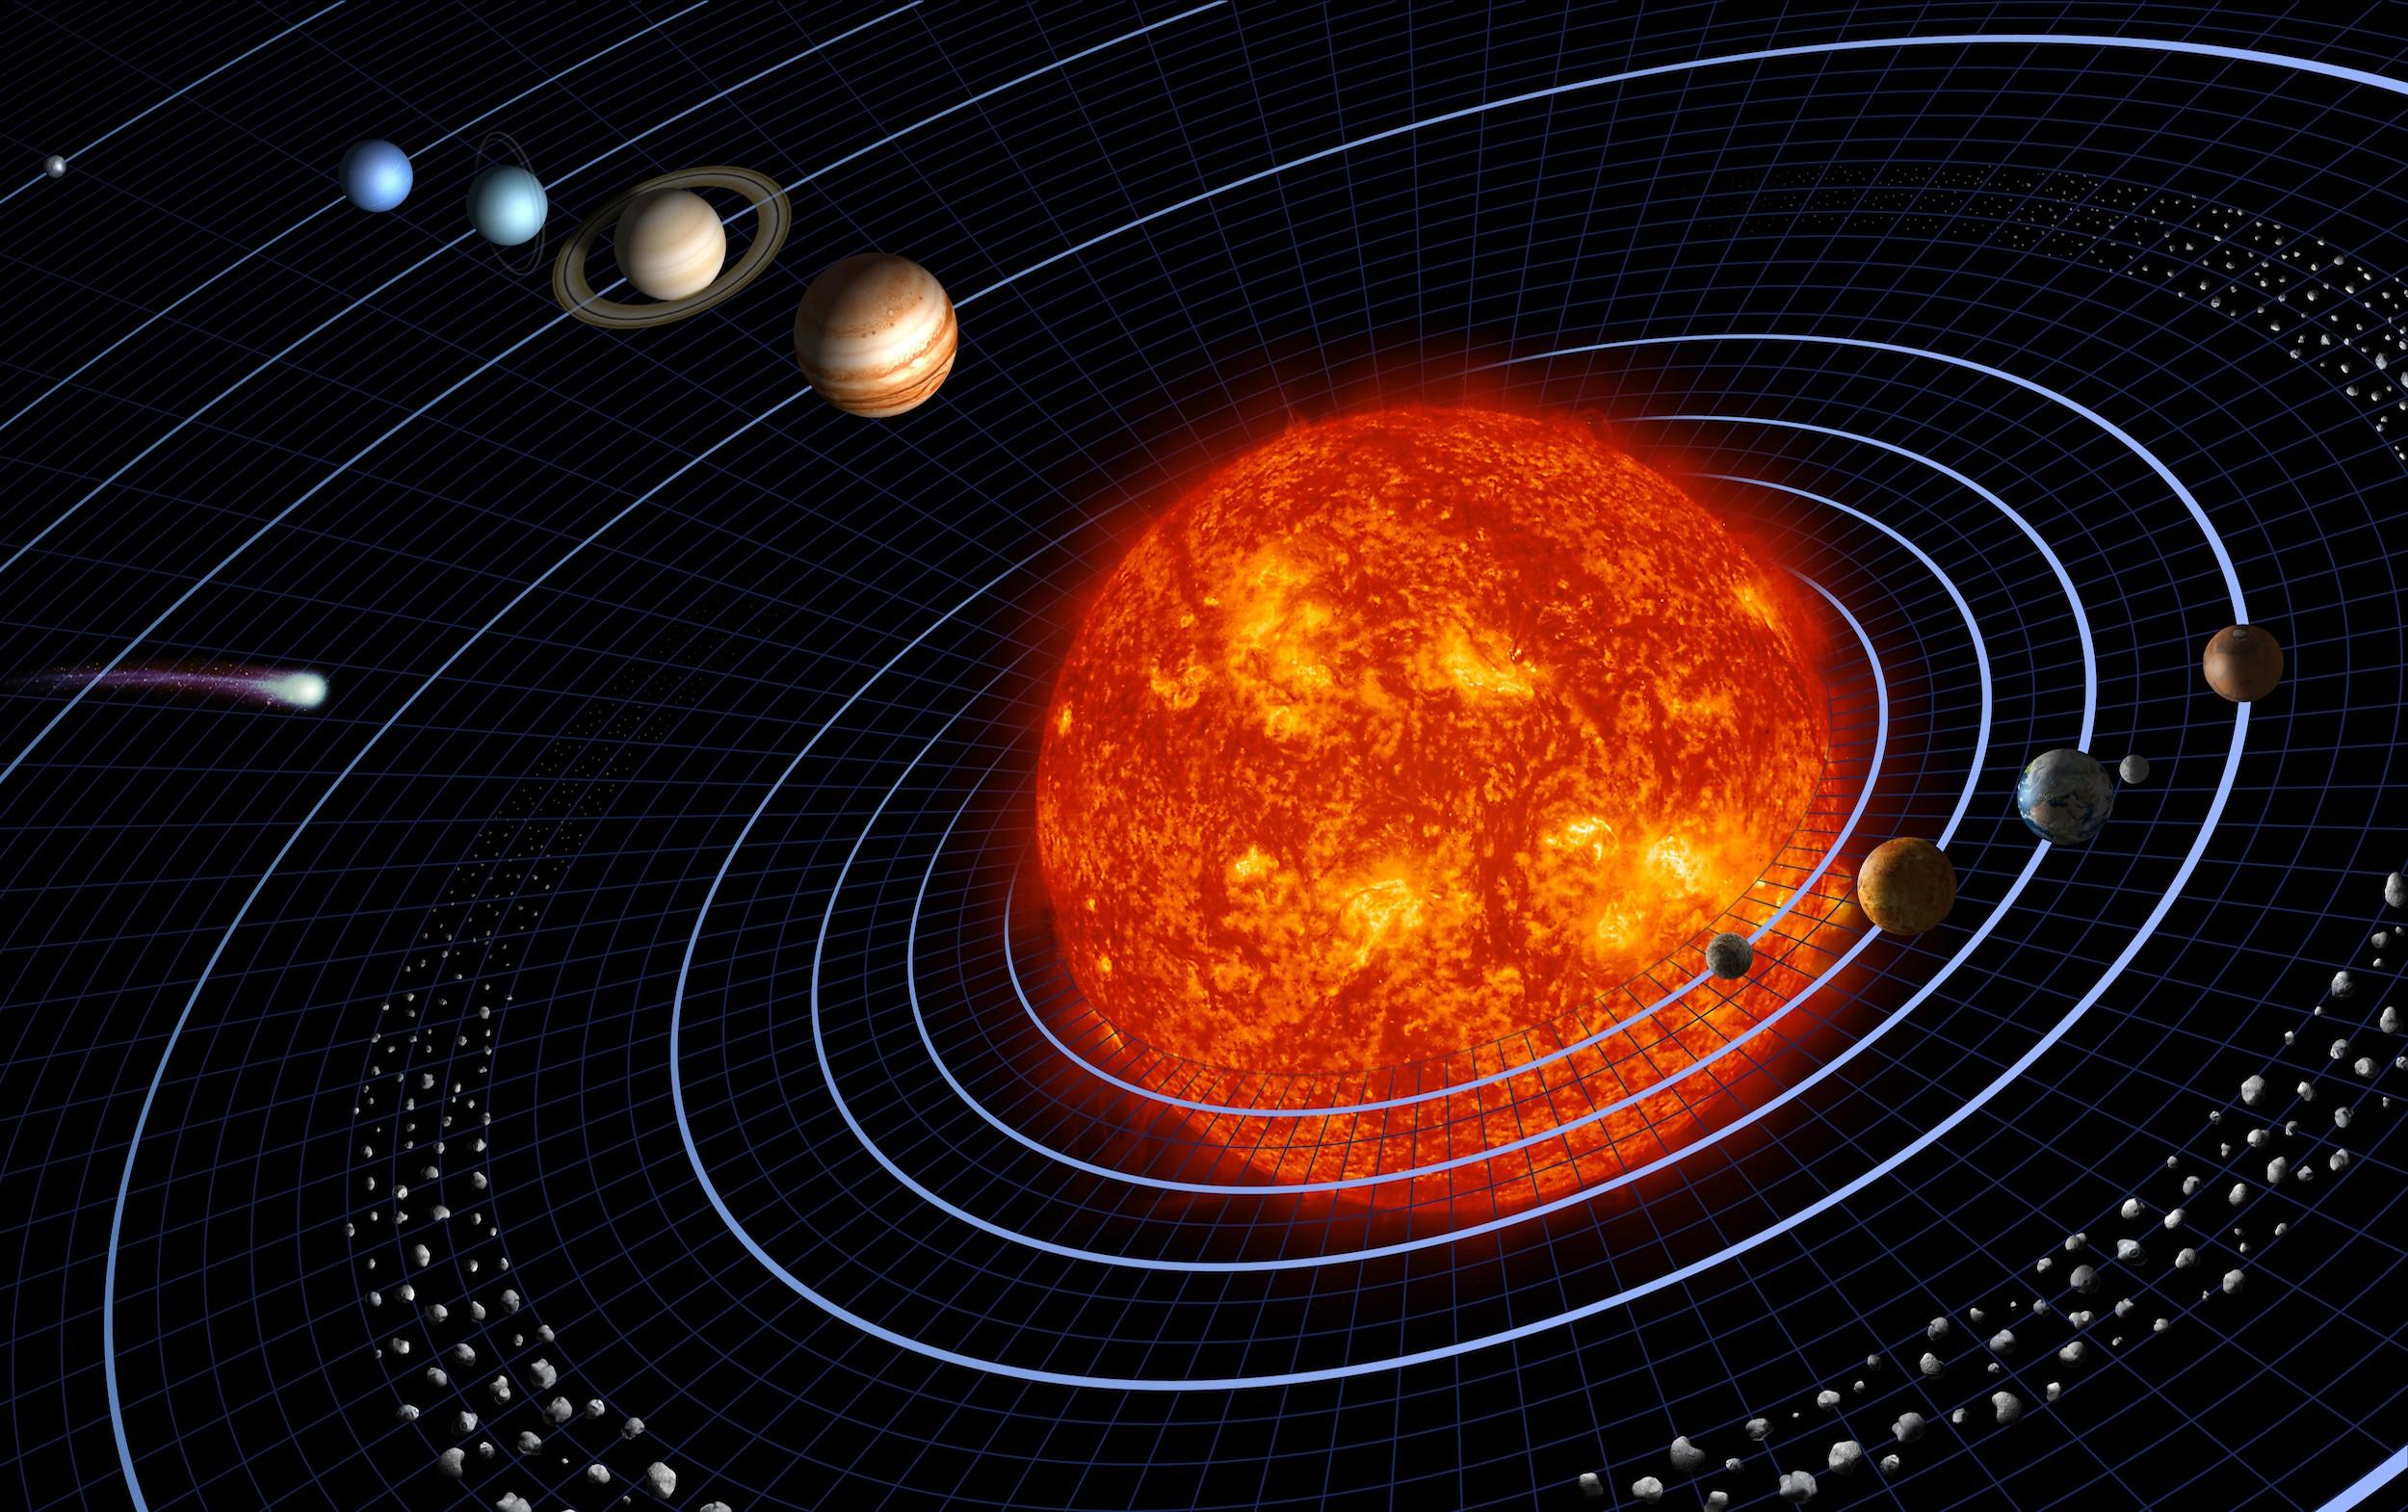 Dünya'nın Galakside Yörüngesi 3 Boyutlu Duvar Kağıdı